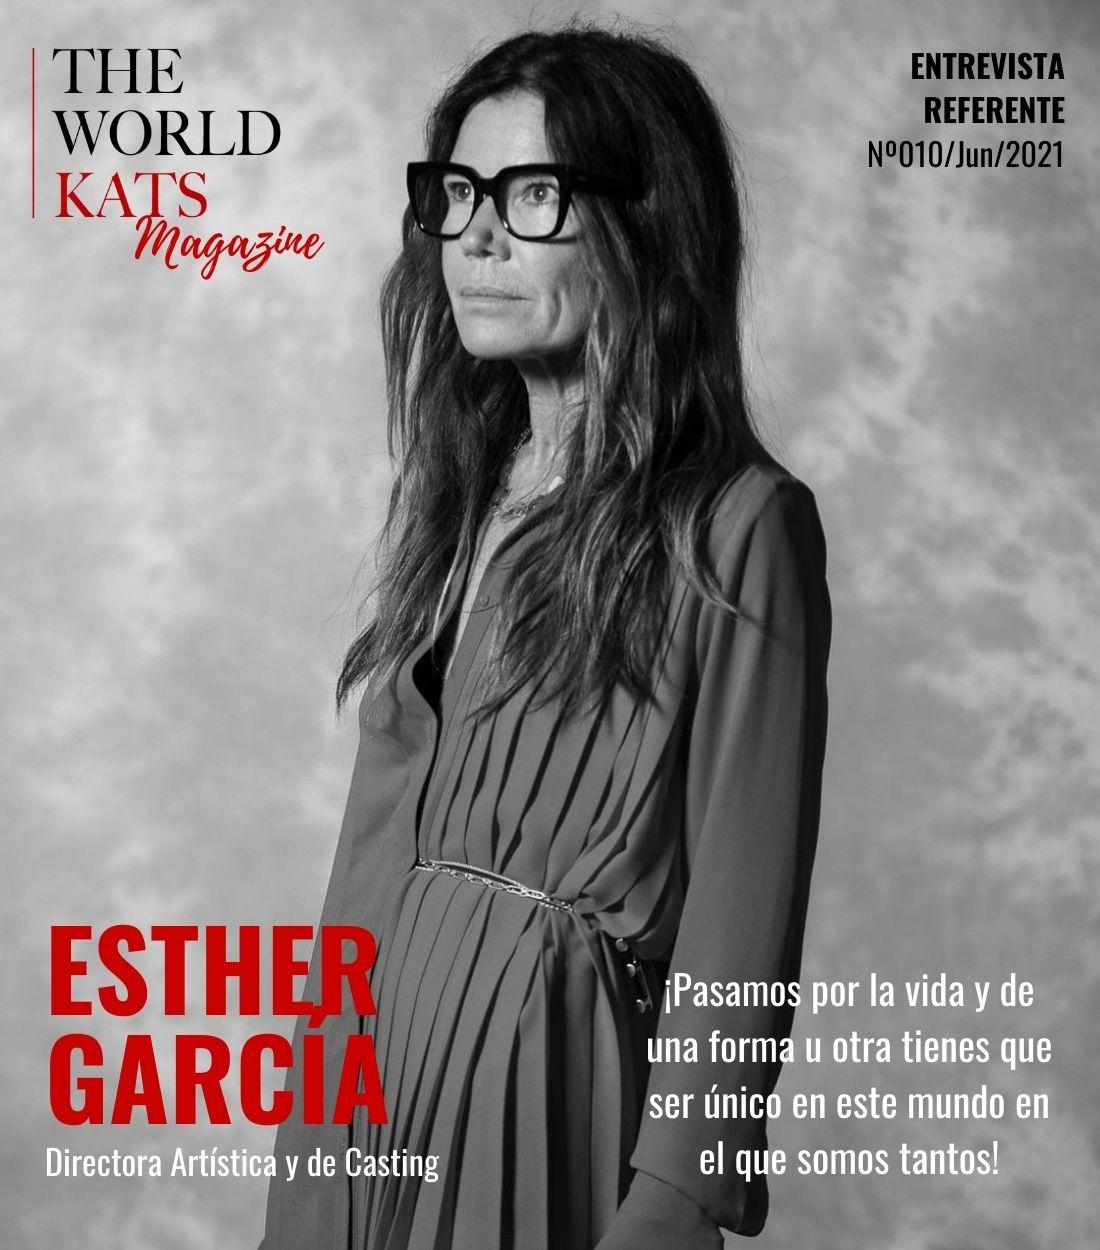 Esther García Capdevila, Directora Artística y de Casting